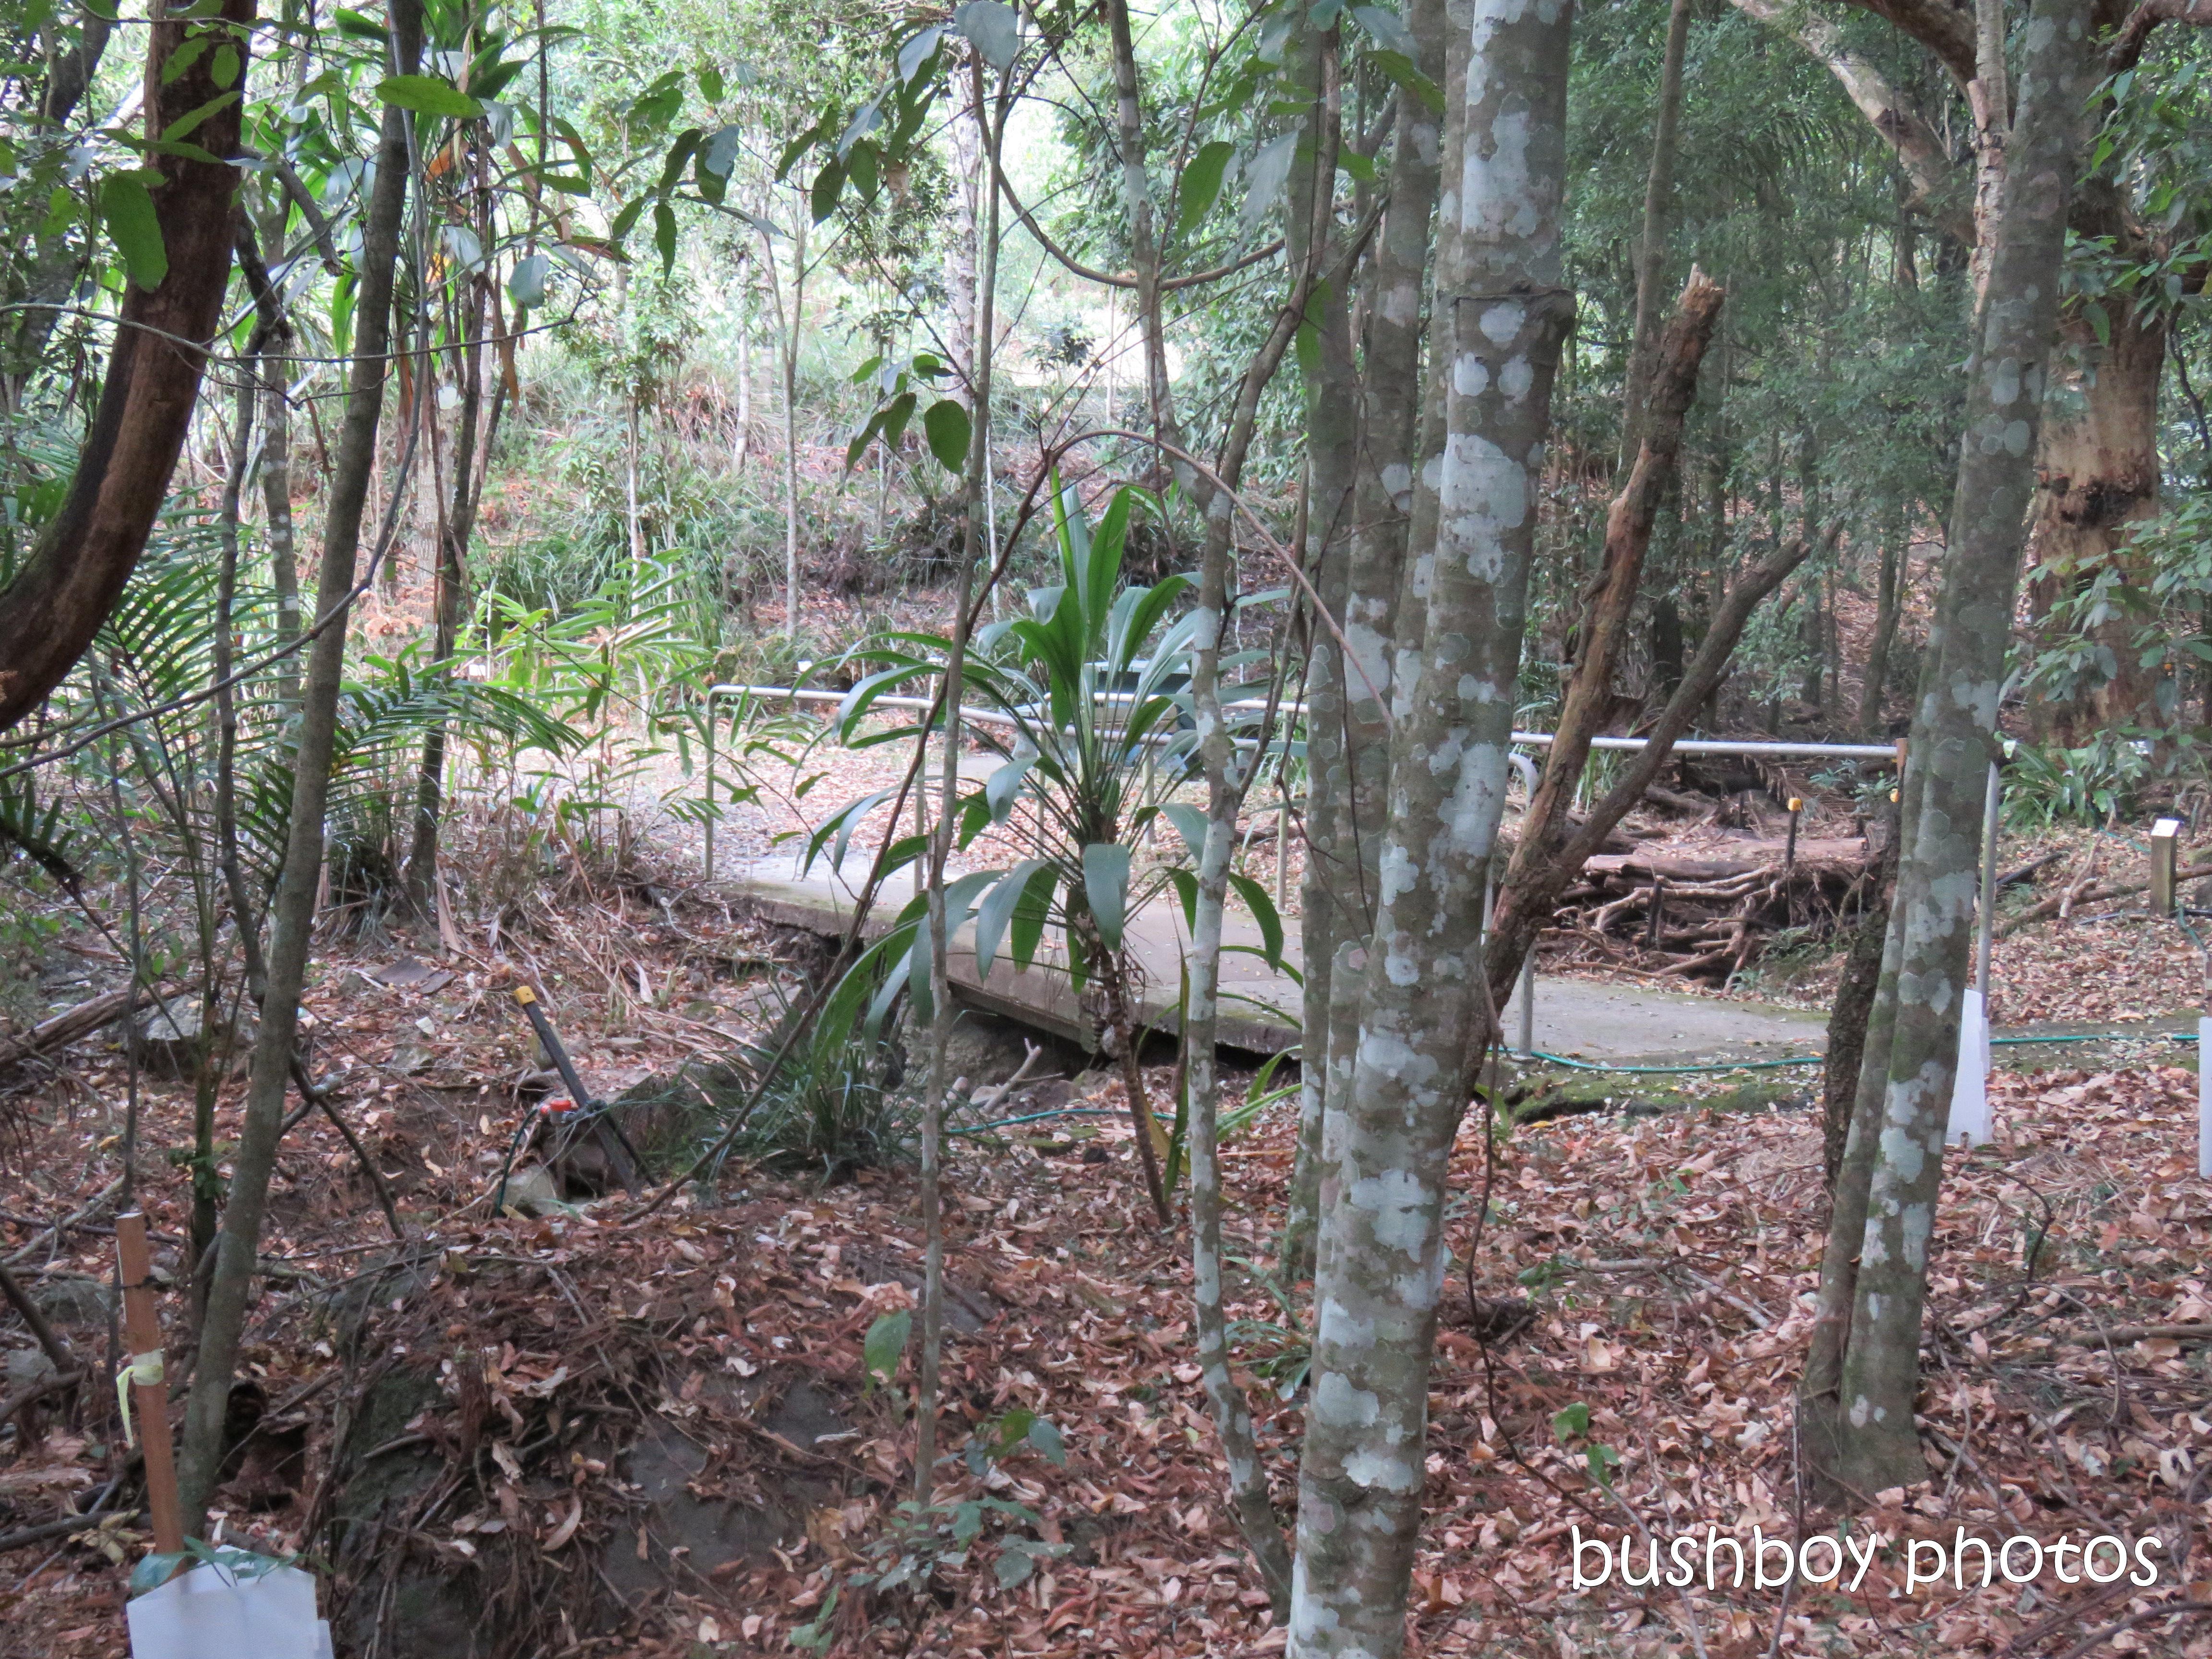 lismore_botanical_gardens_paths_bridges1_jan 2019 (8)